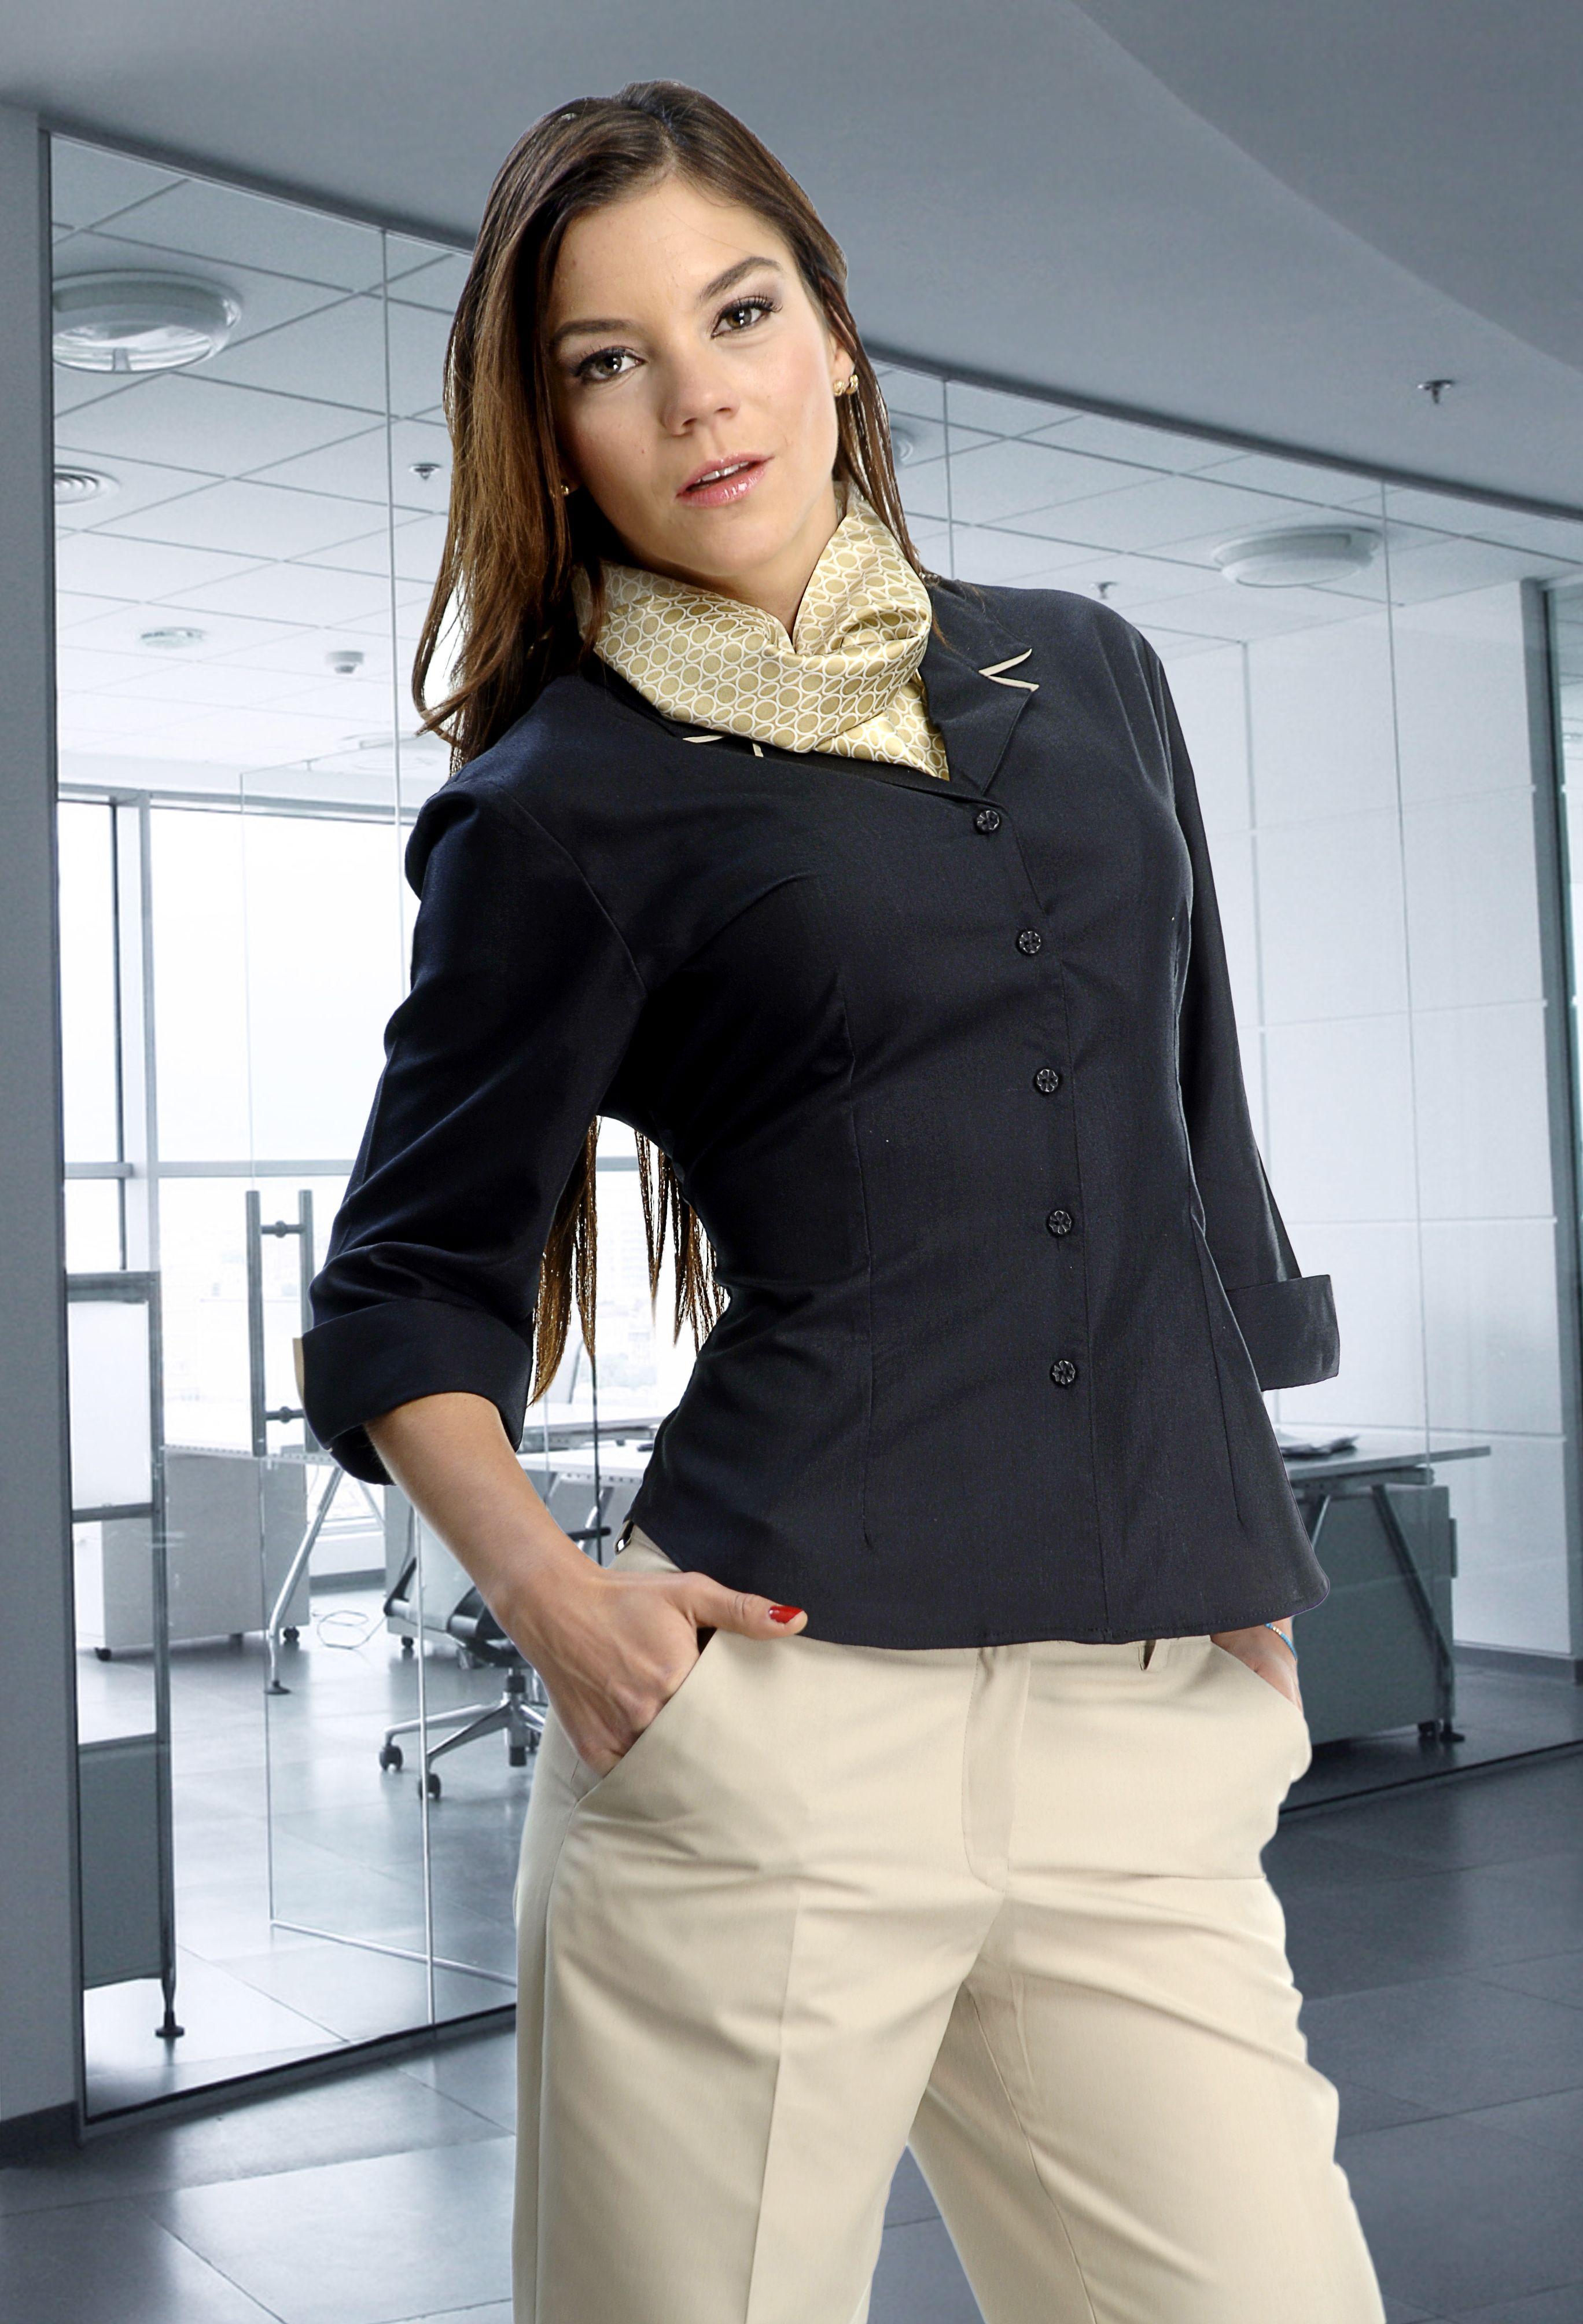 d5cc42b810e8 Pin de Mirna R. en Vestidos y pantalones casuales | Vestidos ...